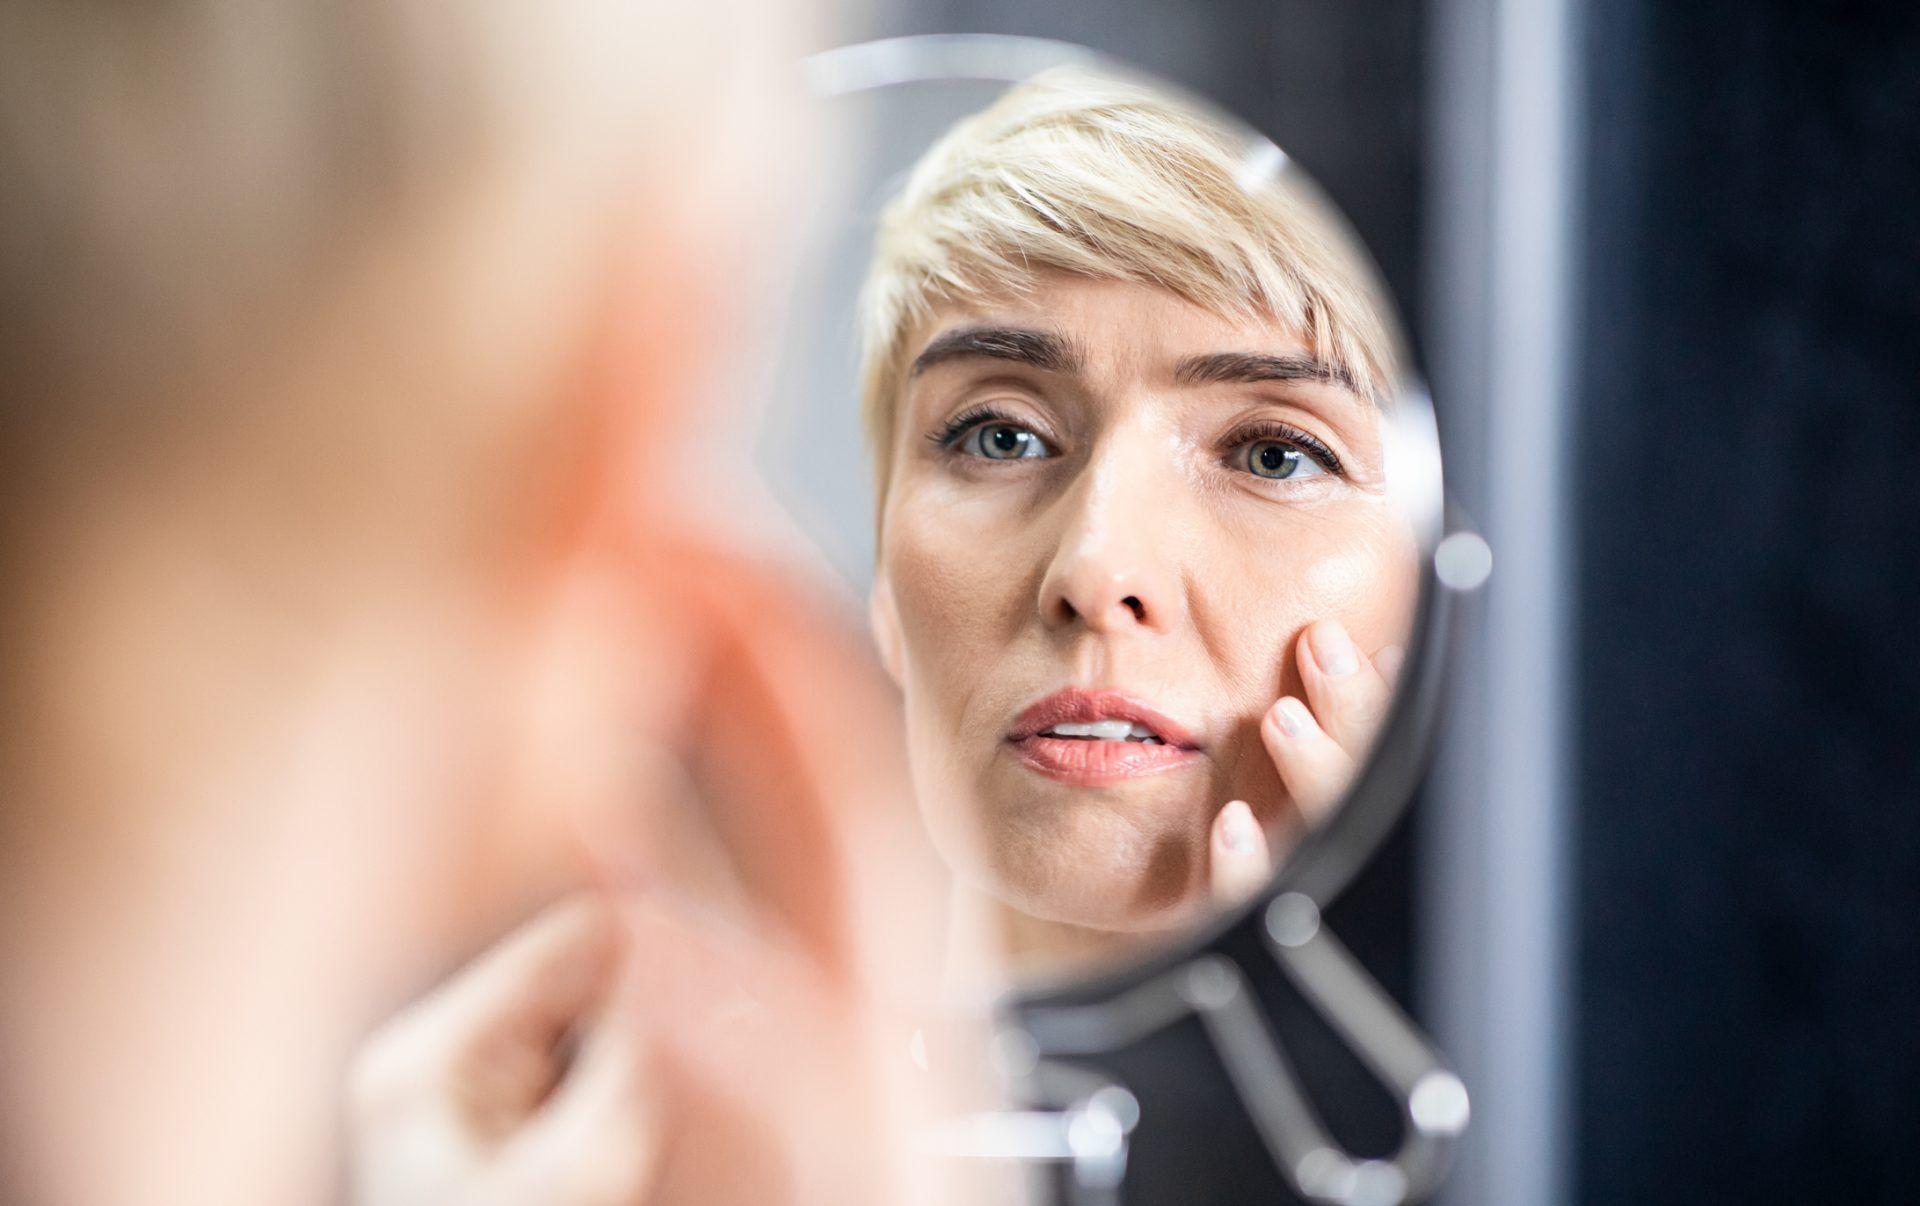 Rellenos faciales: lo que son y lo que hacen